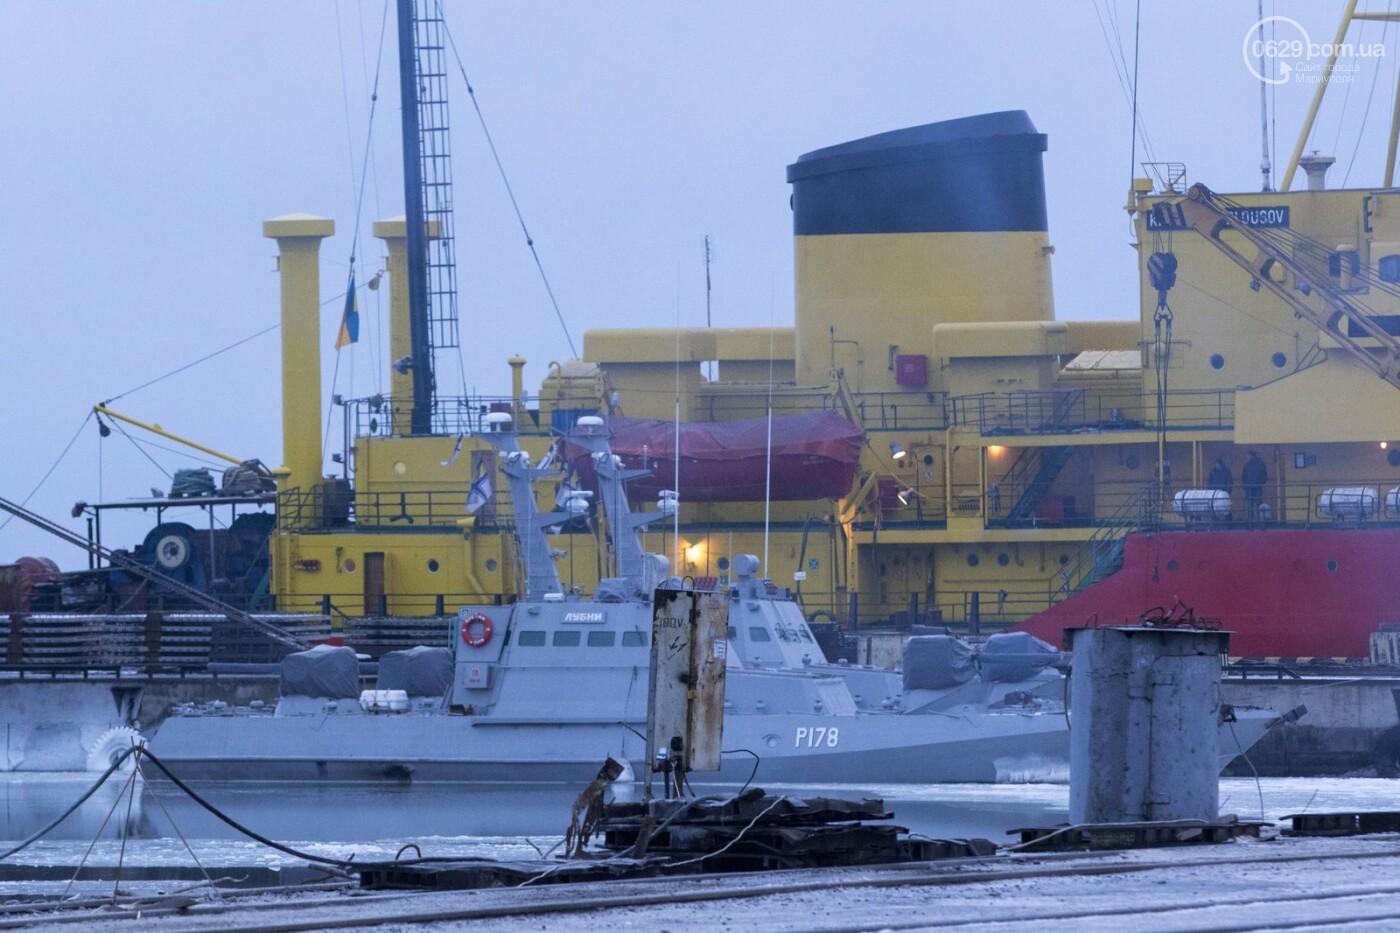 Из-за строительства Керченского моста и незаконной блокады порт Мариуполя потерял 6 миллиардов гривен, - ФОТО, фото-6